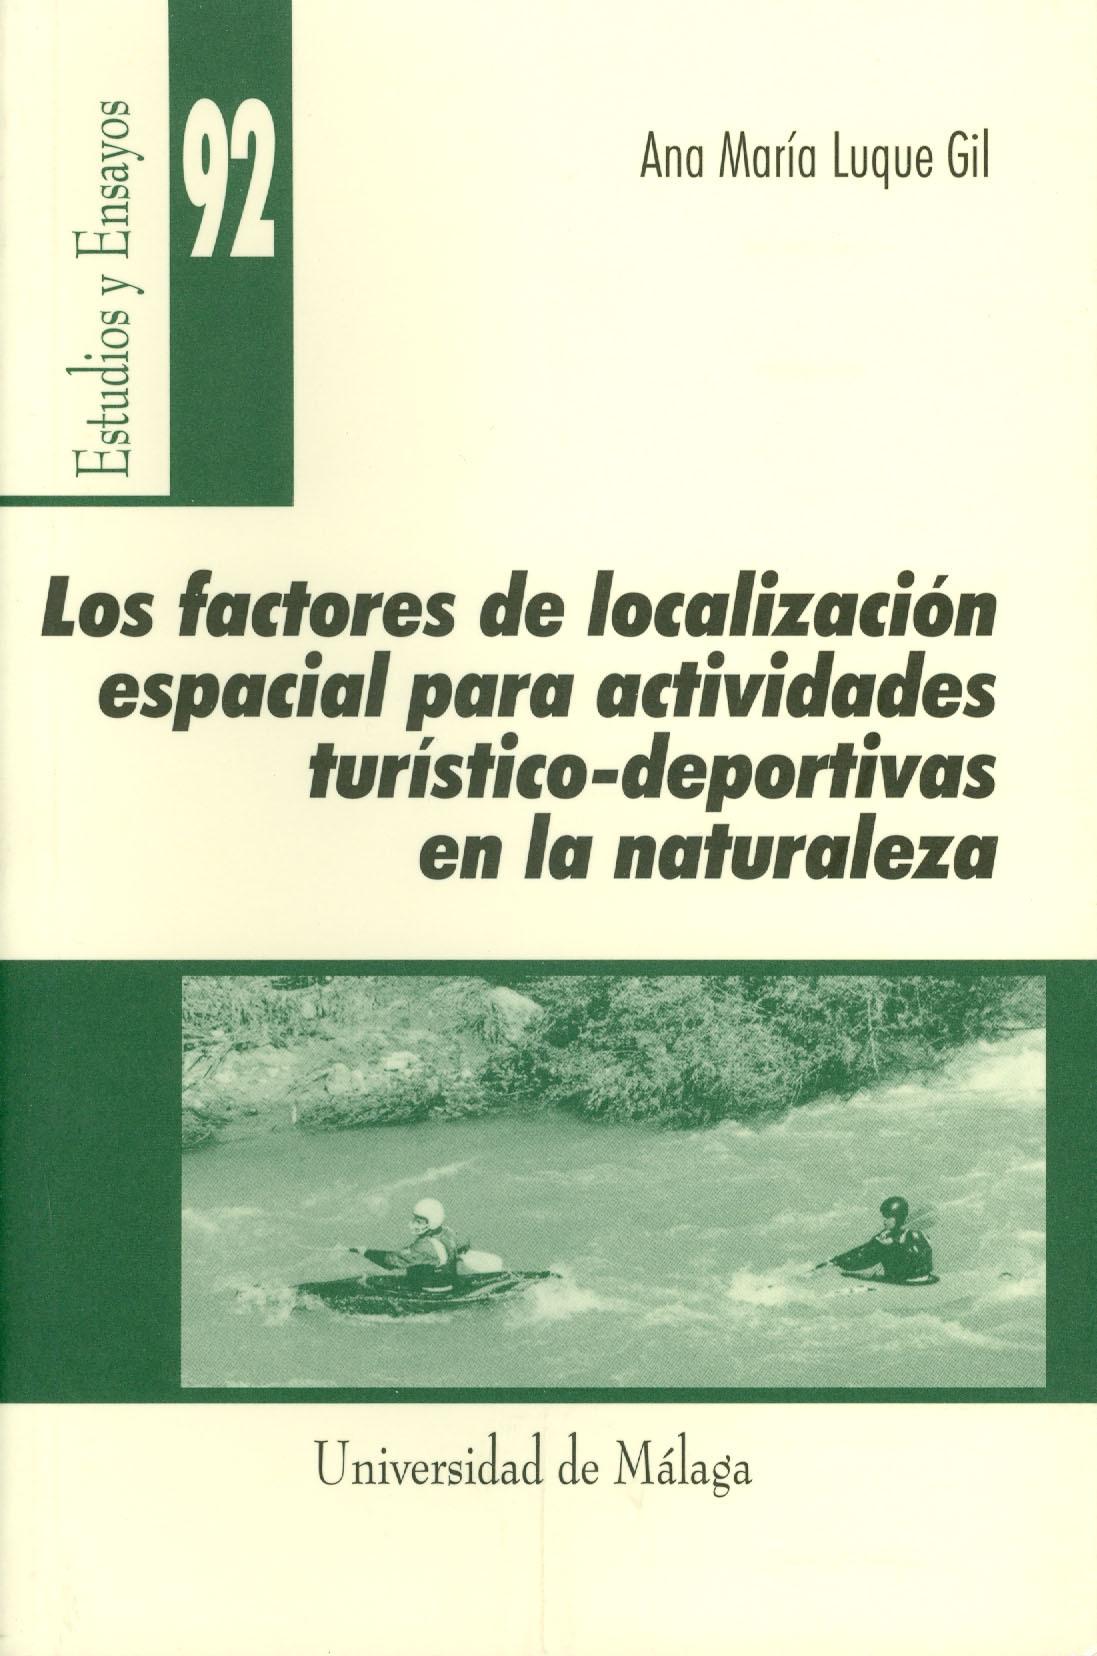 LOS FACTORES DE LOCALIZACIÓN ESPACIAL PARA ACTIVIDADES TURÍSTICO-DEPOR